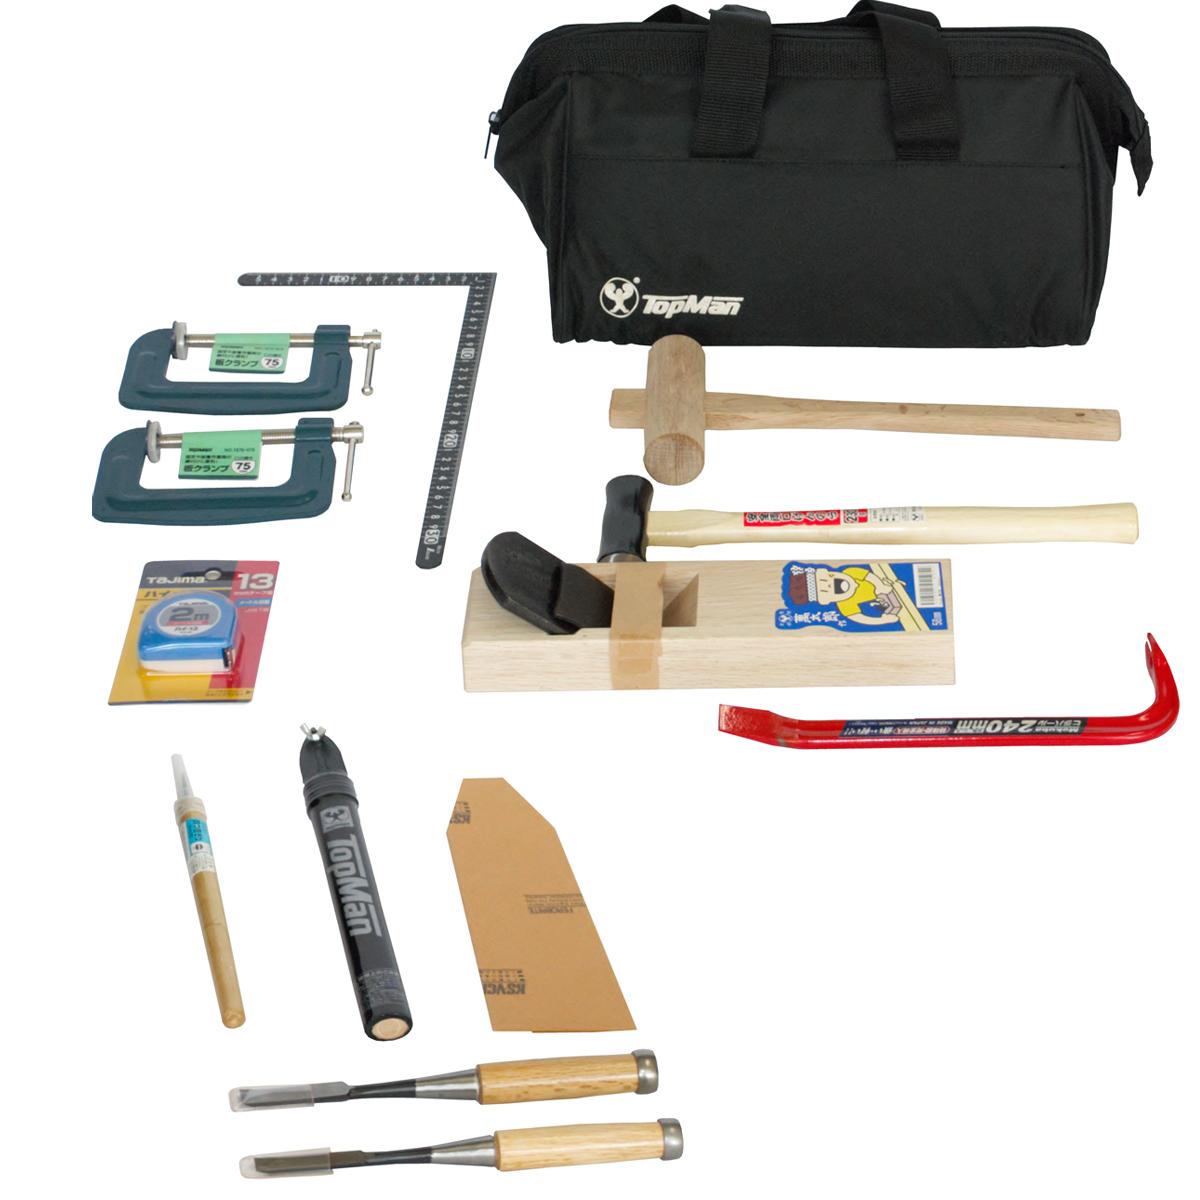 木工具セット S型 13点揃 【 木工 木彫 工作 木工具 セット 】